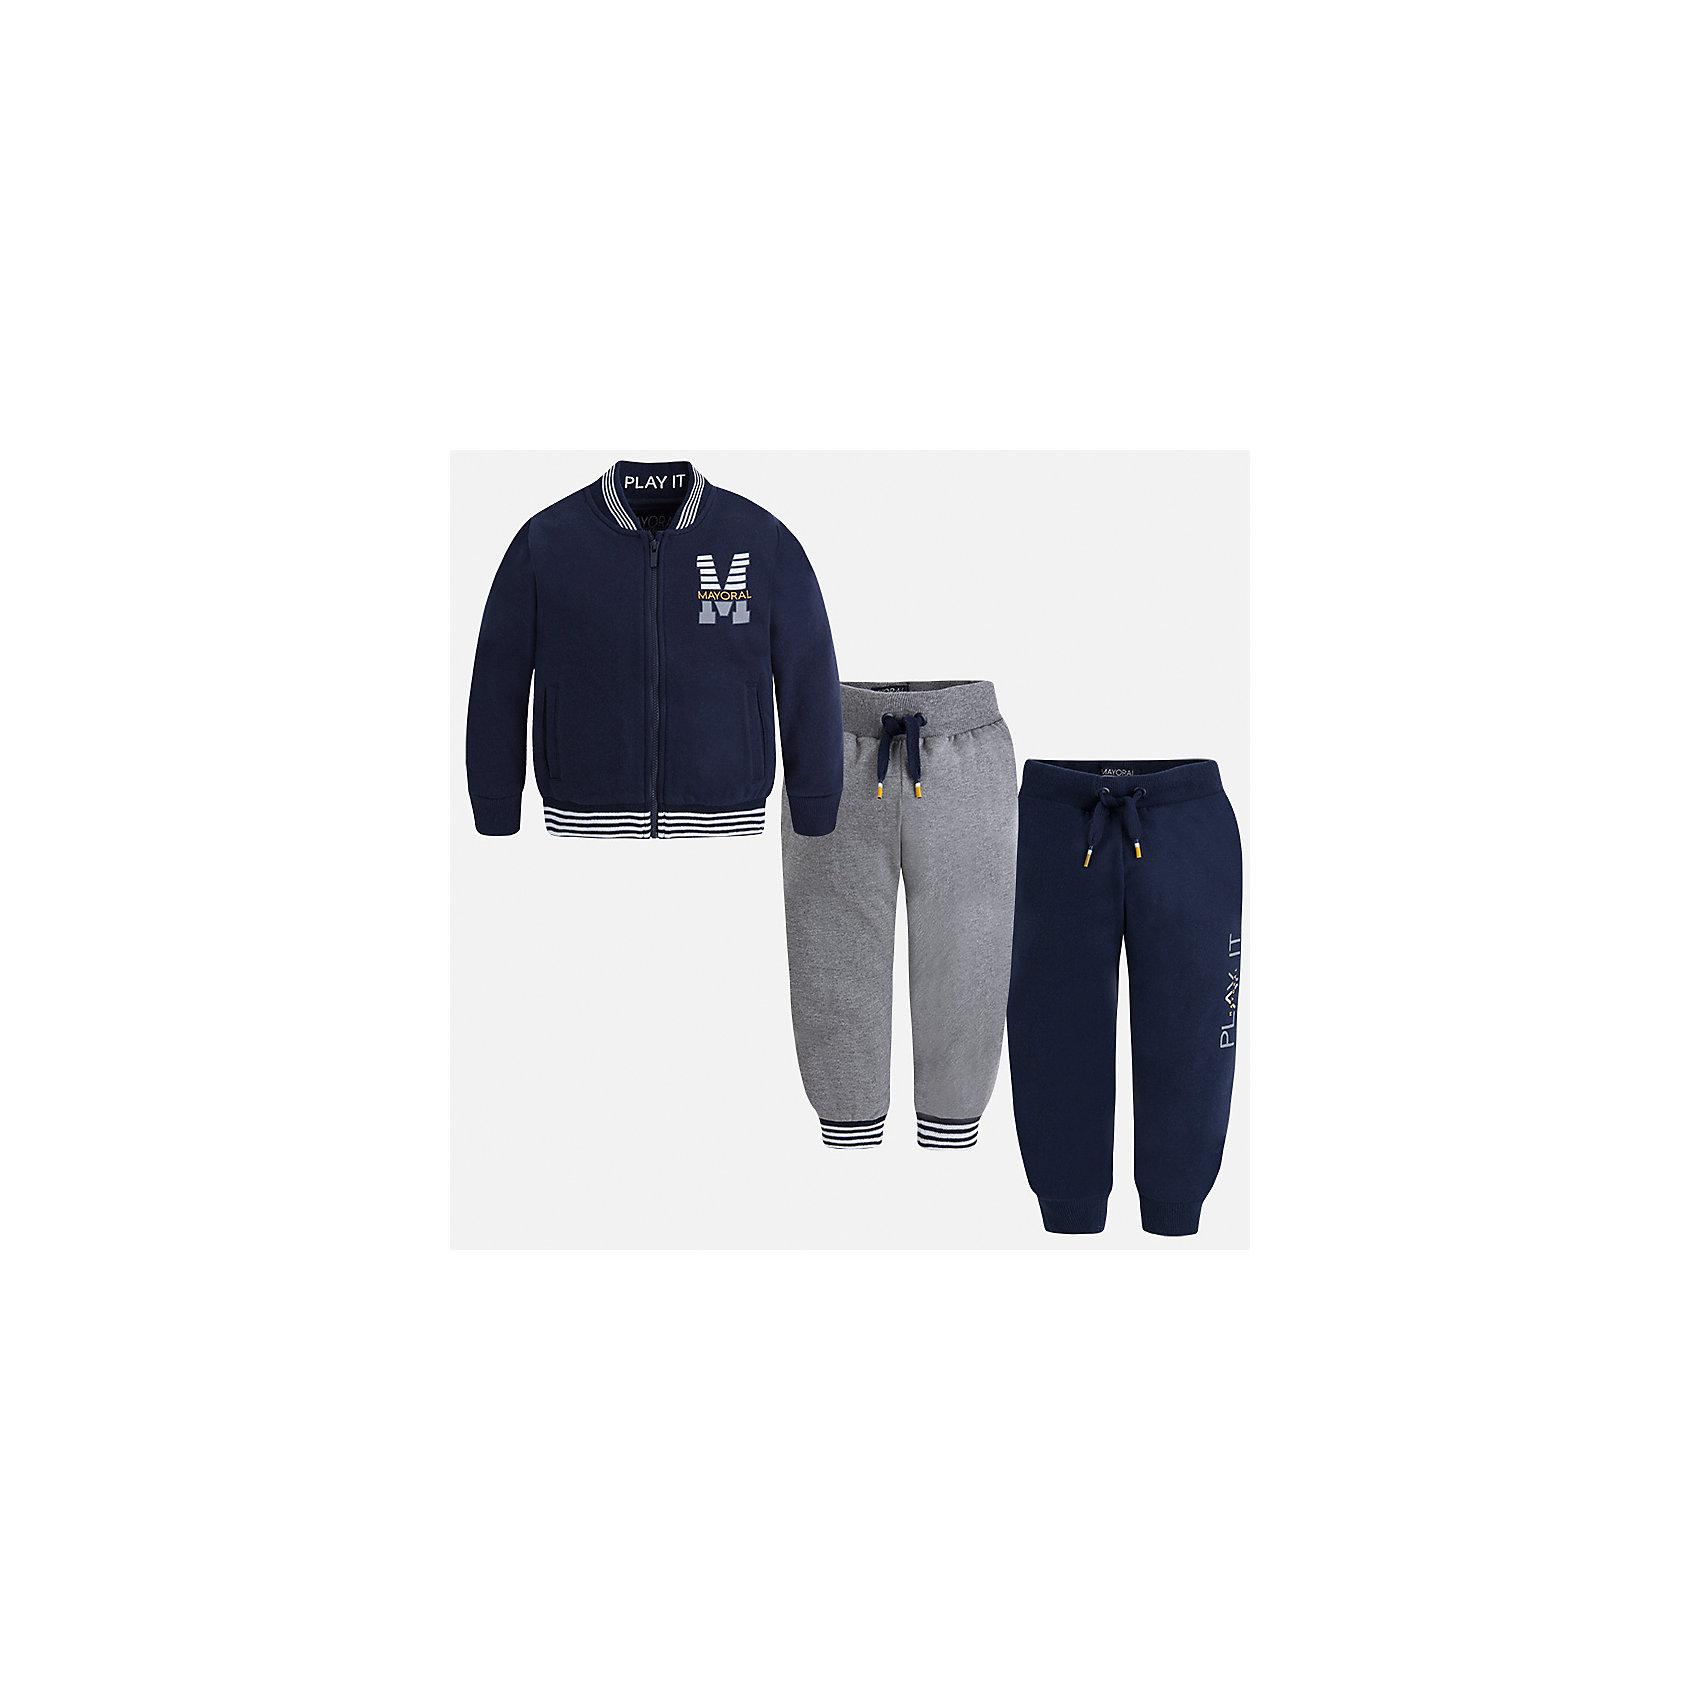 Спортивный костюм для мальчика MayoralКомплекты<br>Характеристики товара:<br><br>• цвет: синий<br>• состав ткани: 60% хлопок, 40% полиэстер<br>• комплектация: куртка, 2 брюк<br>• сезон: демисезон<br>• особенности модели: спортивный стиль<br>• застежка: молния<br>• длинные рукава<br>• пояс брюк: резинка, шнурок<br>• страна бренда: Испания<br>• страна изготовитель: Индия<br><br>Этот детский комплект из спортивной курточки и двух брюк подойдет для занятий спортом. Отличный способ обеспечить ребенку тепло и комфорт - надеть детский спортивный костюм от Mayoral. Детский спортивный костюм сшит из приятного на ощупь материала. Спортивный костюм для мальчика Mayoral удобно сидит по фигуре.<br><br>Спортивный костюм для мальчика Mayoral (Майорал) можно купить в нашем интернет-магазине.<br><br>Ширина мм: 247<br>Глубина мм: 16<br>Высота мм: 140<br>Вес г: 225<br>Цвет: темно-синий<br>Возраст от месяцев: 96<br>Возраст до месяцев: 108<br>Пол: Мужской<br>Возраст: Детский<br>Размер: 116,122,128,134,92,98,104,110<br>SKU: 6933043